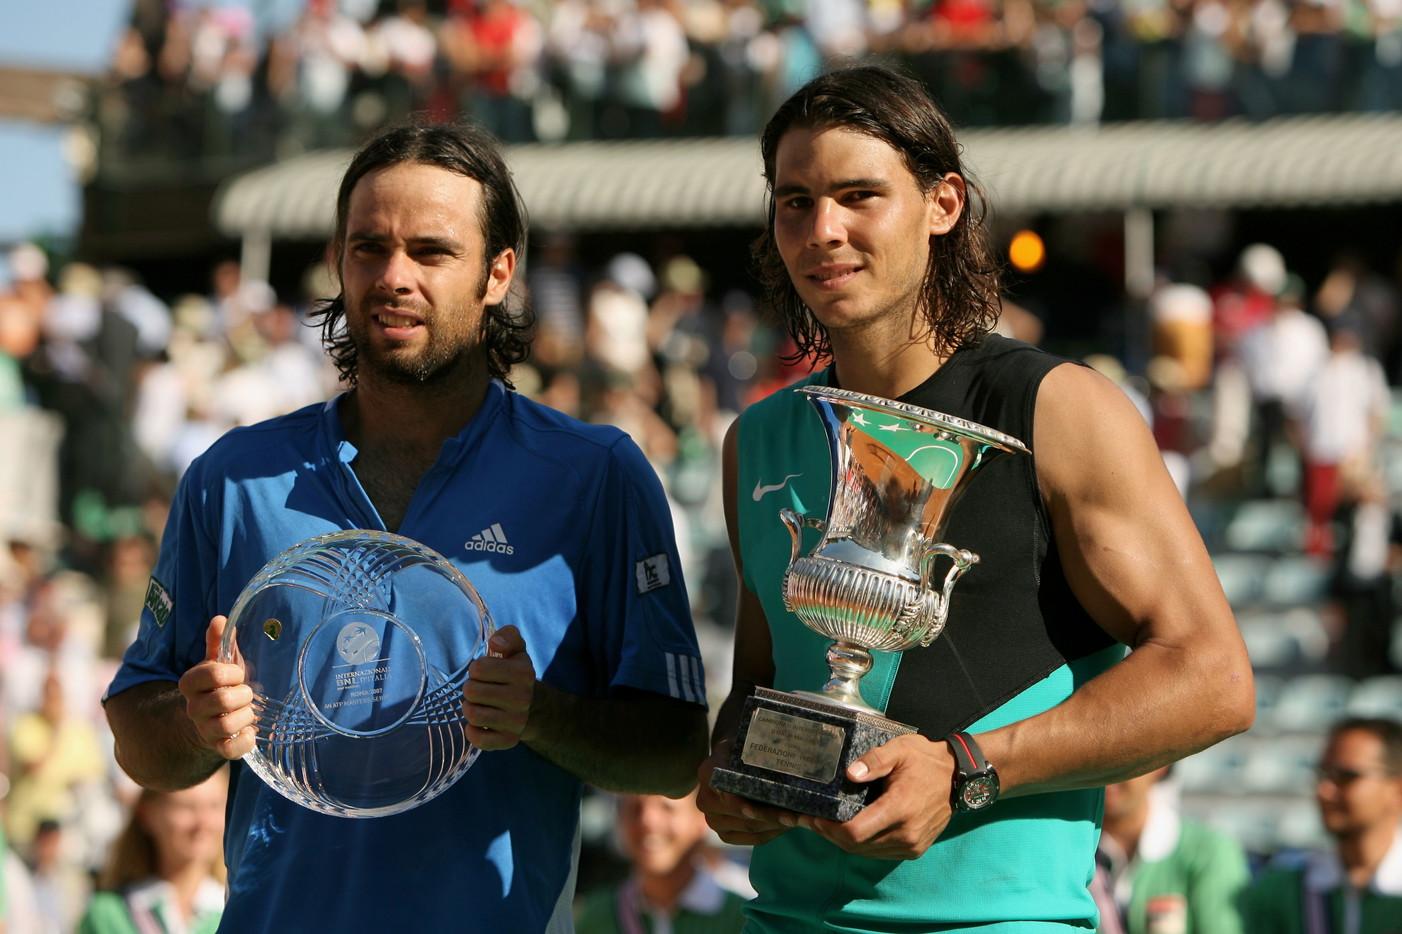 Più breve, ma altrettanto significativa, la terza vittoria consecutiva di Nadal nel 2007 ai danni del cileno Gonzalez.